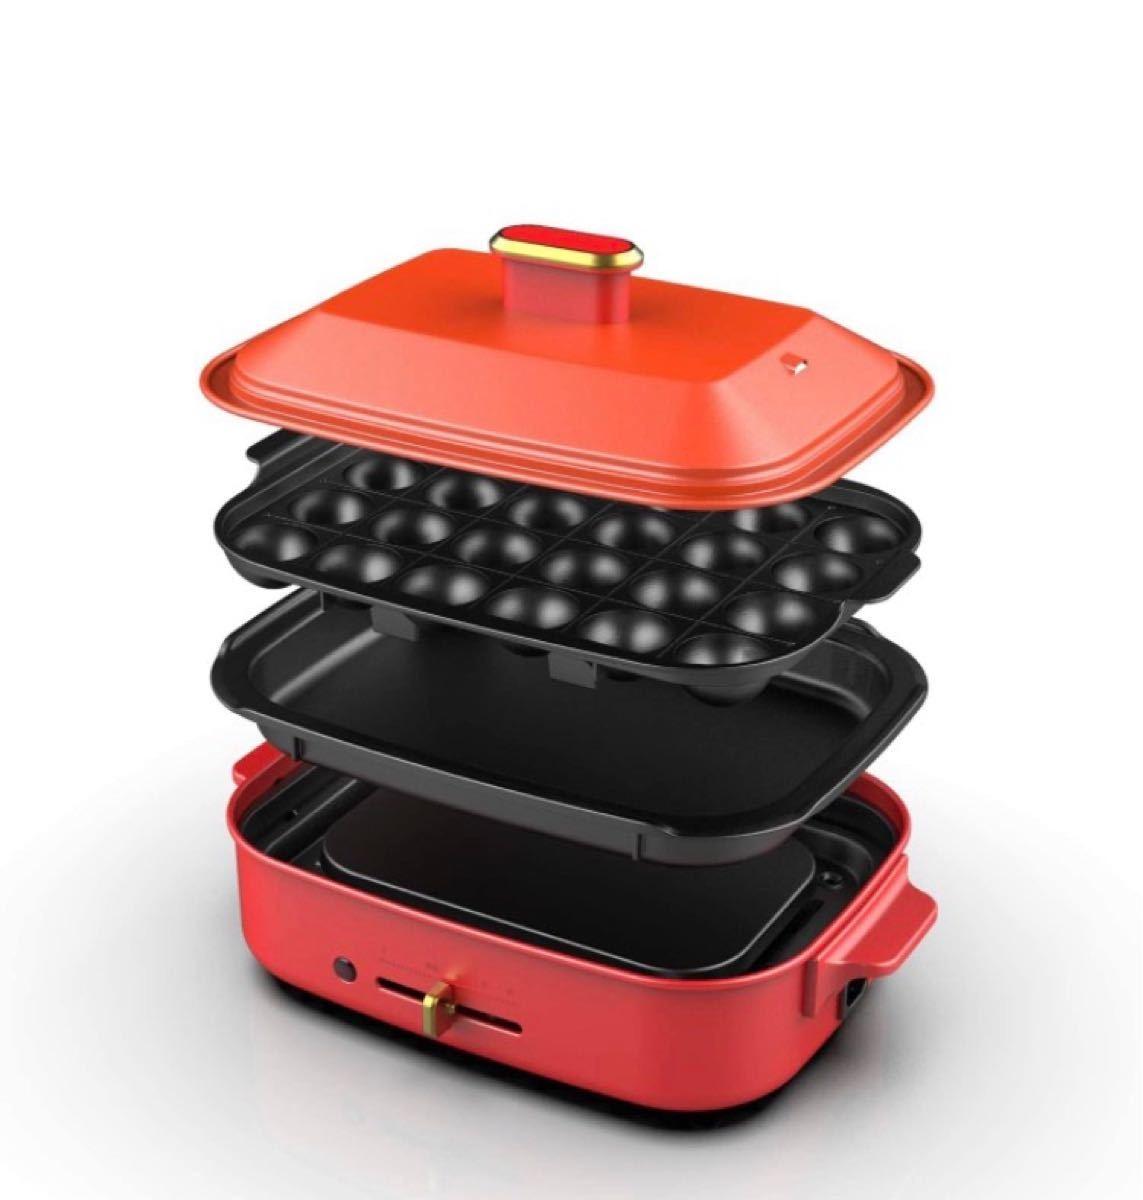 KEECOON ホットプレート 多機能 たこ焼きプレート 平面プレート 着脱式グリル鍋 無段階温度調節 レッド 赤